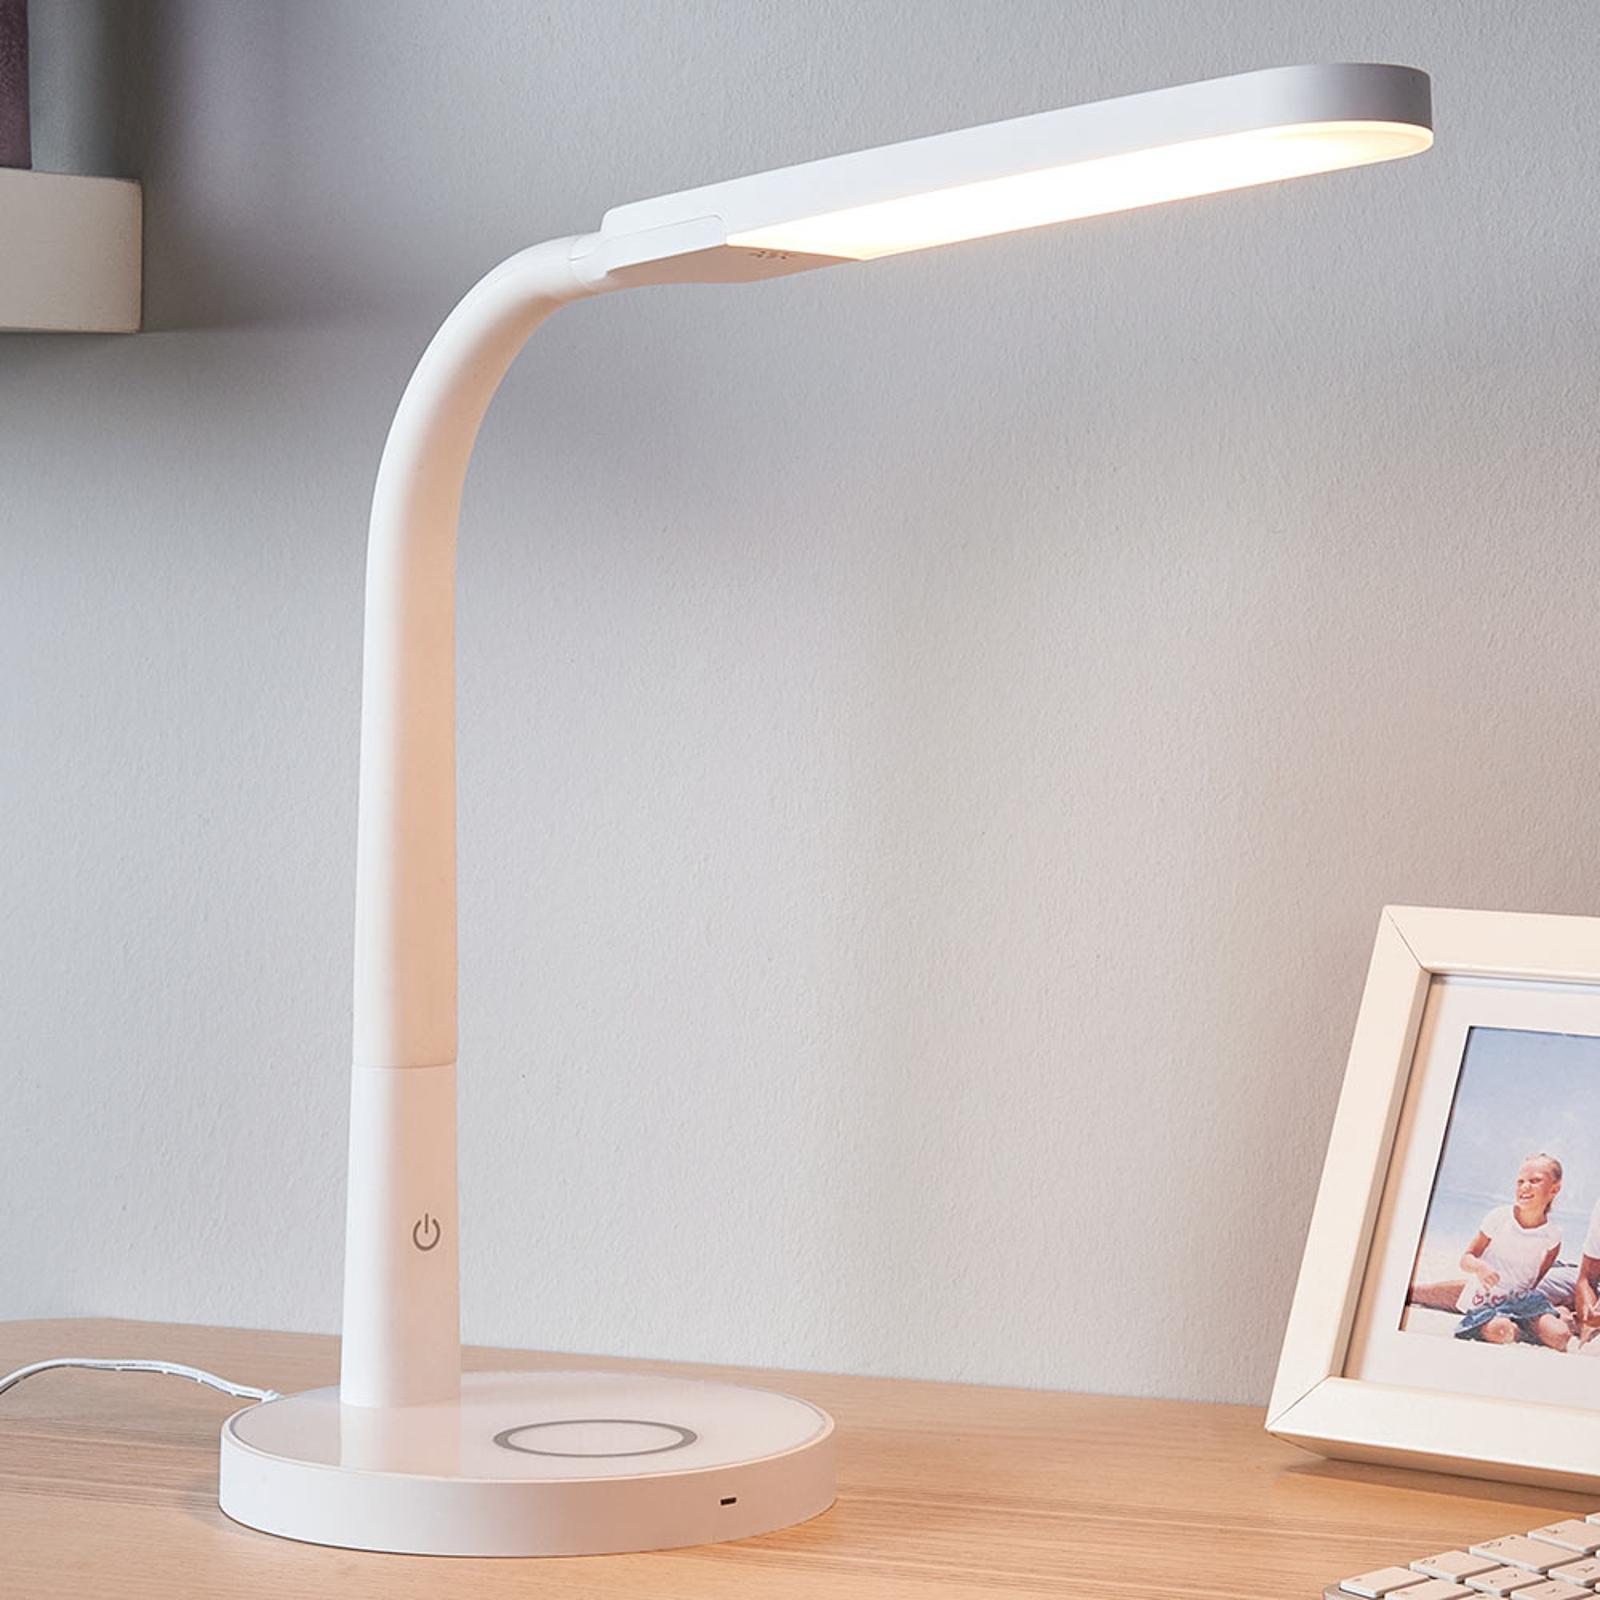 Bílá LED stolní lampa Maily, USB port